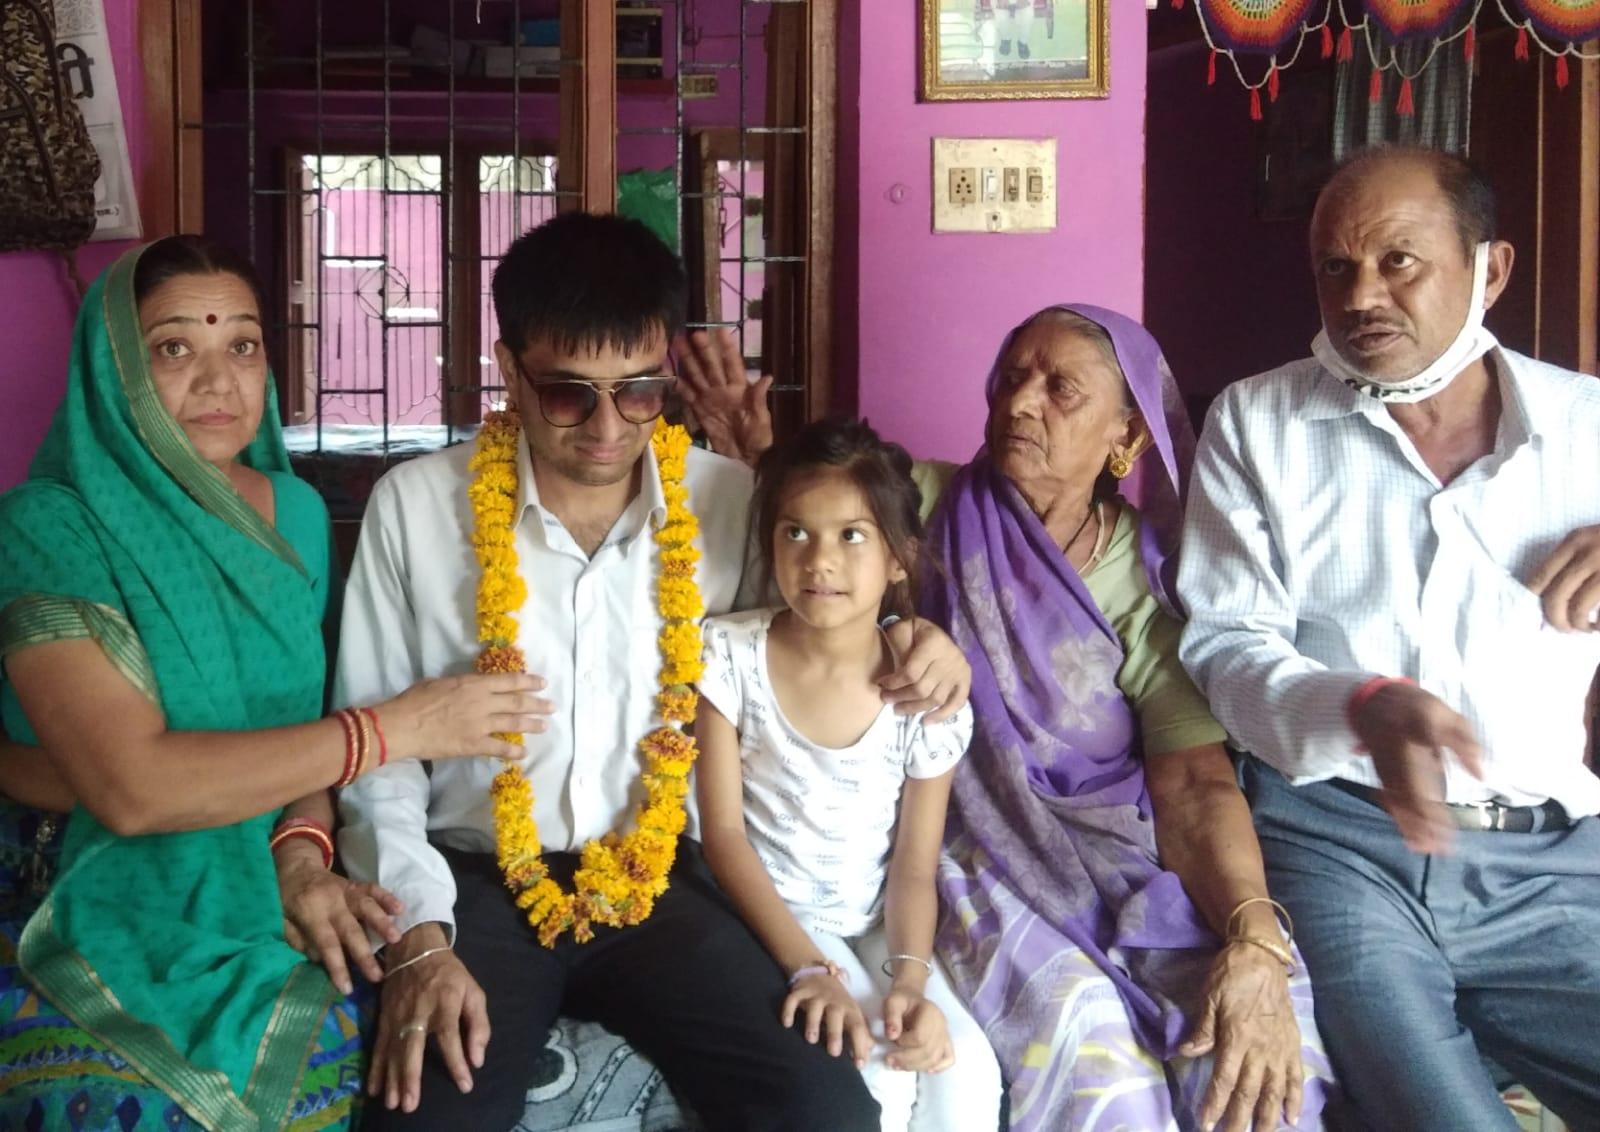 जन्मजात परेशानी के बावजूद बाबू रहे, थर्ड ग्रेड टीचर बने, हिन्दी के वरिष्ठ अध्यापक रहते हुए तय की जिंदगी की मंजिल बांसवाड़ा,Banswara - Dainik Bhaskar